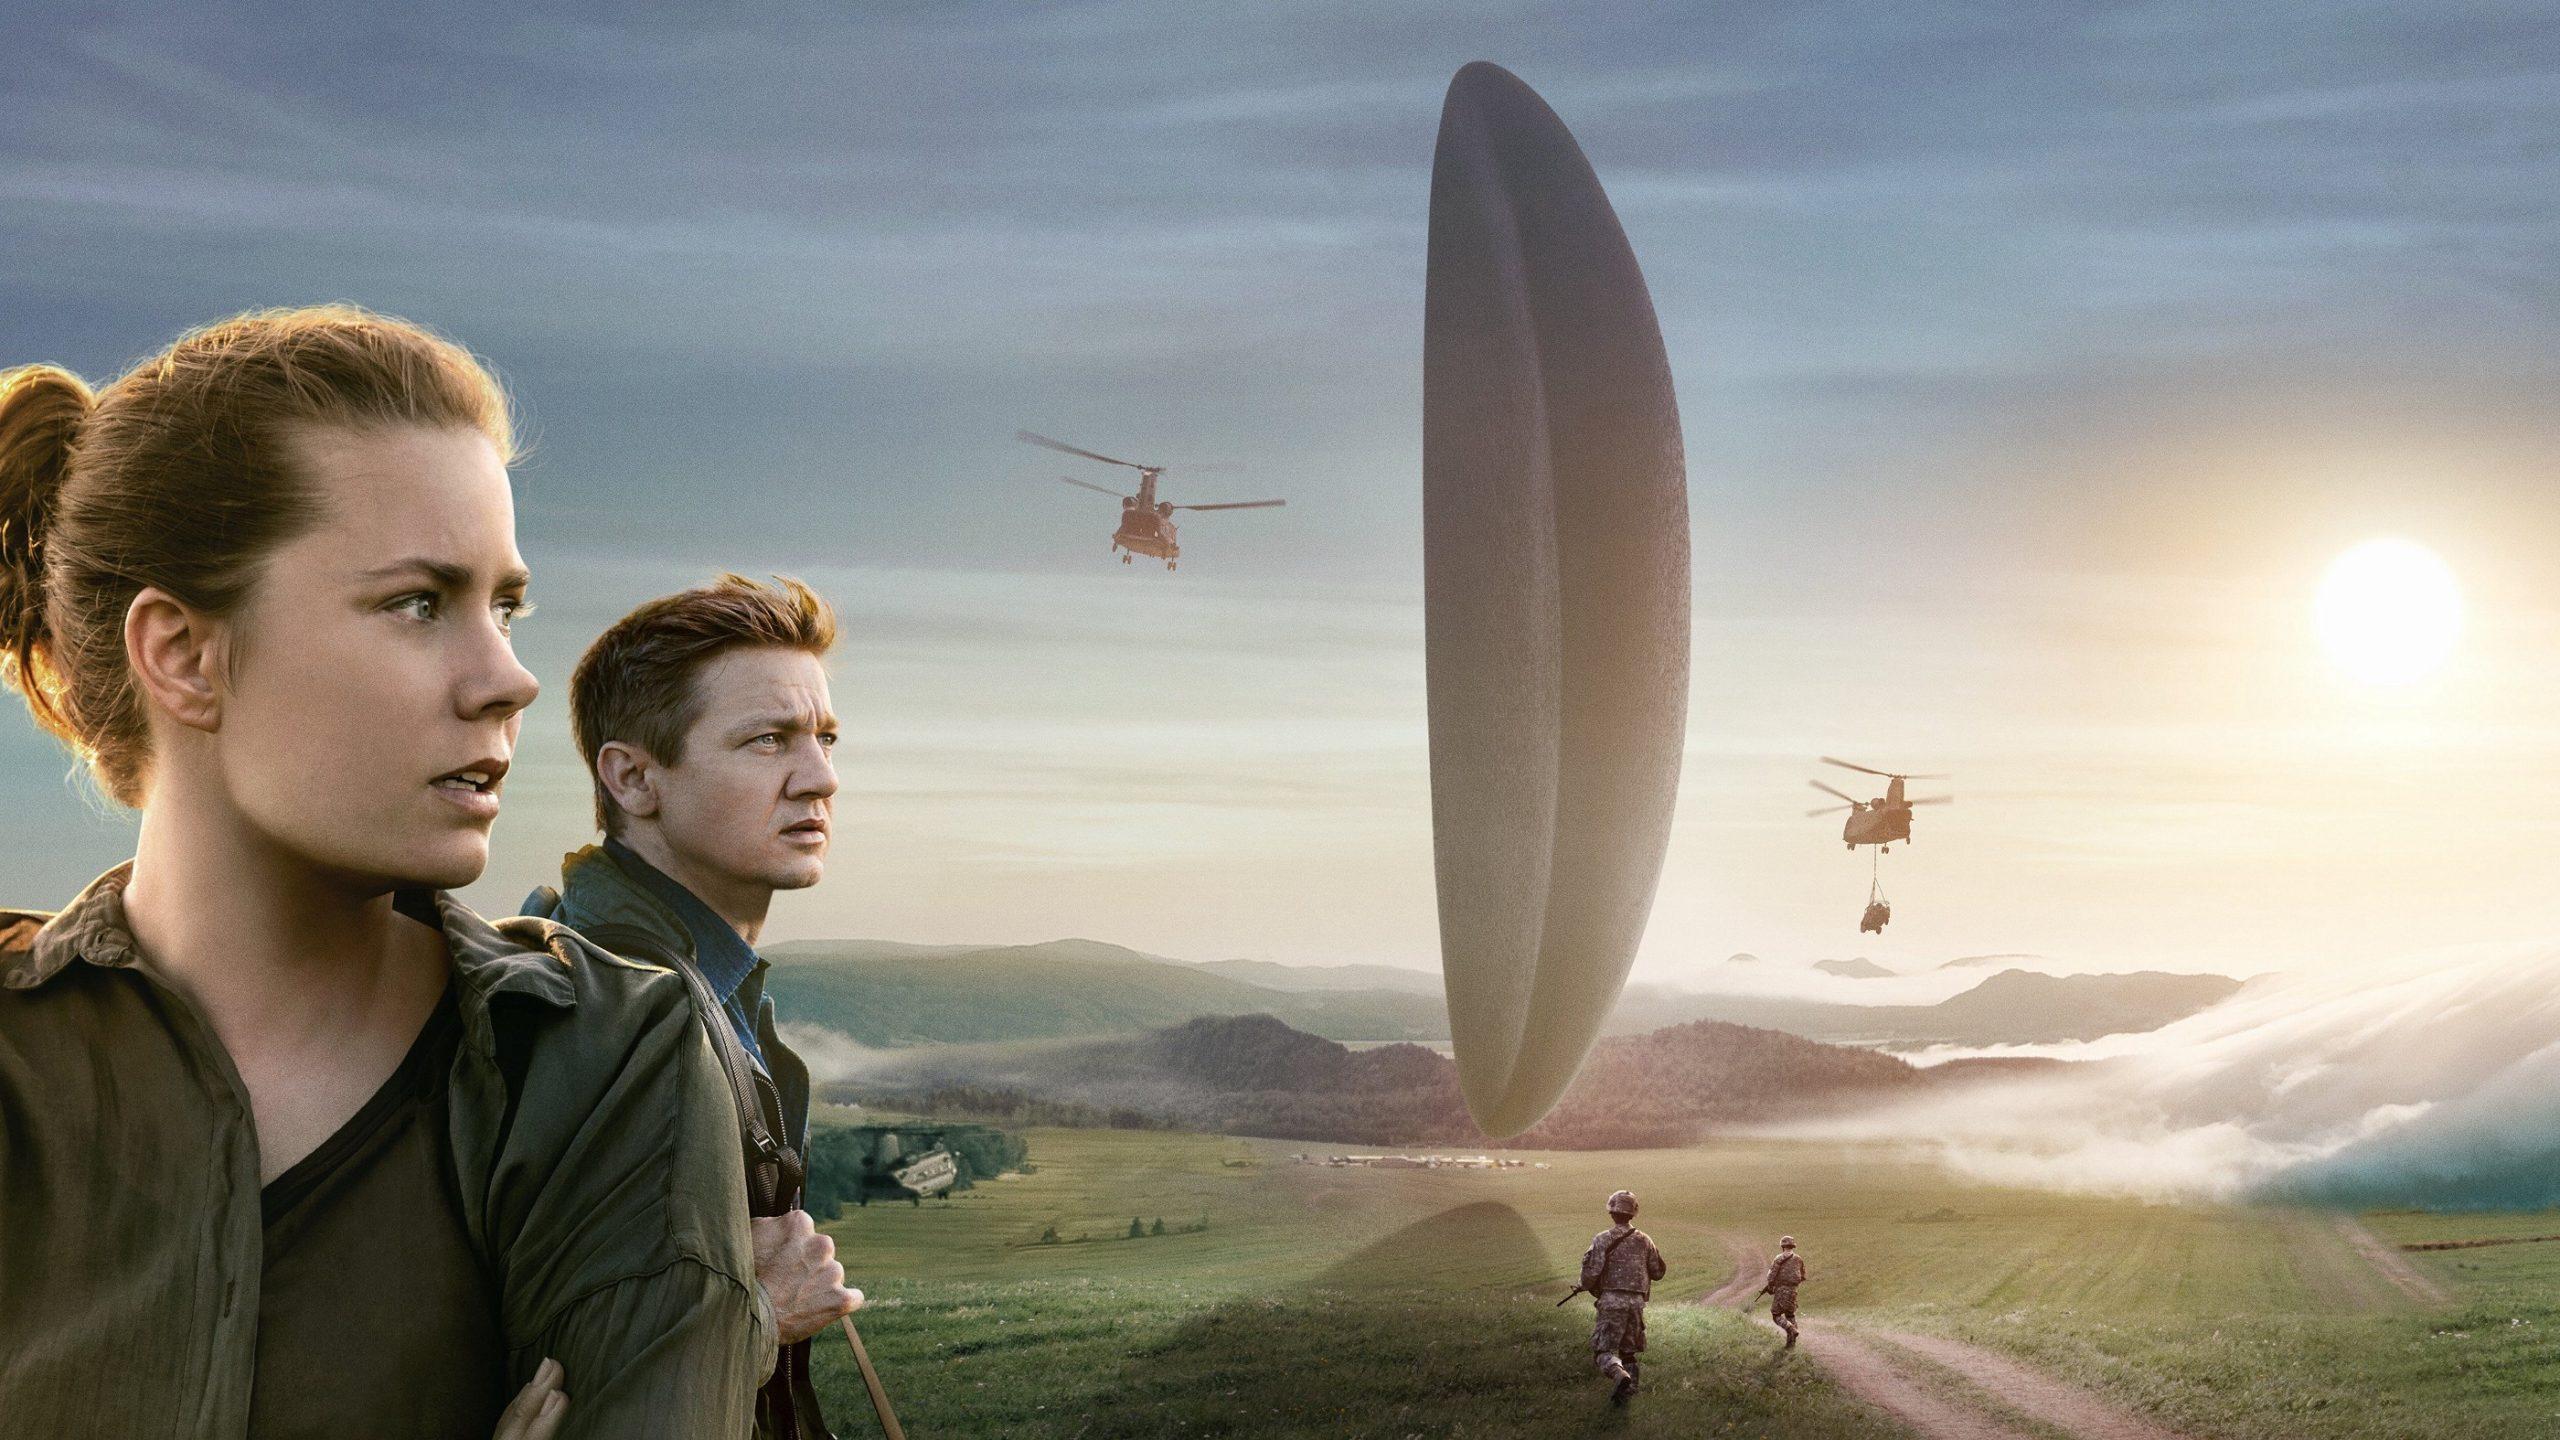 Итоги 2010-х: 10 лучших фантастических фильмов поверсии читателей МирФ 2